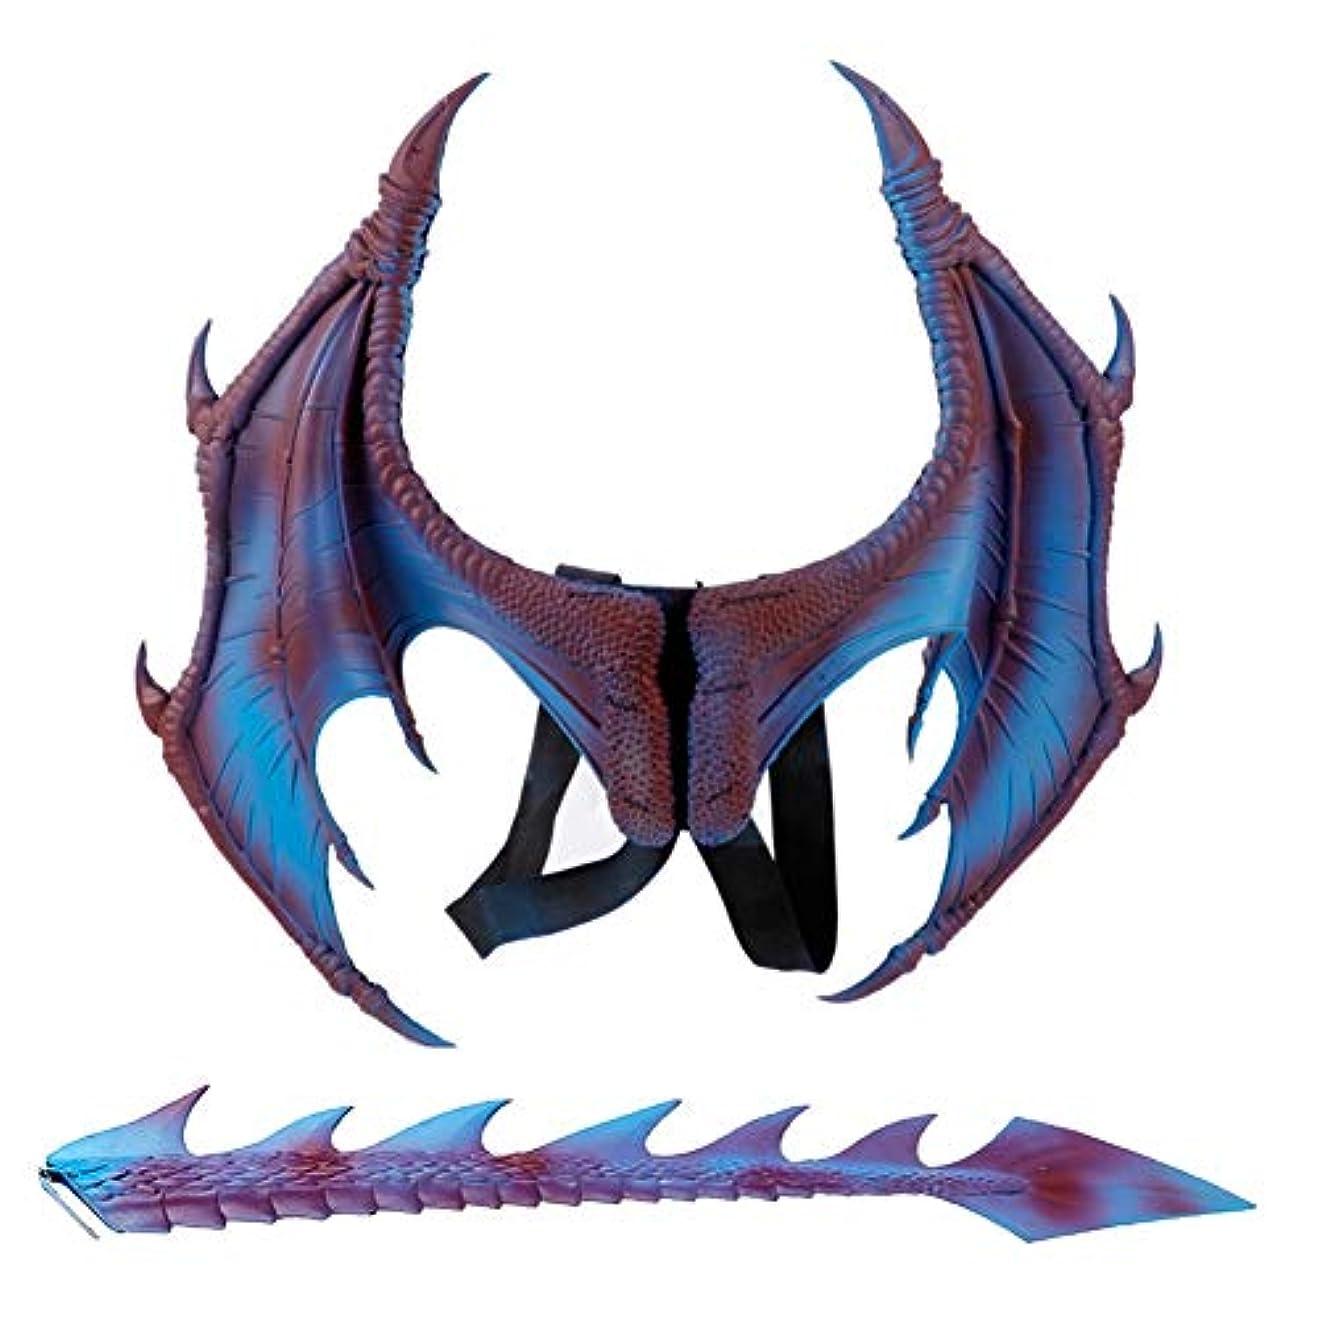 音声学おなかがすいた順応性Esolom ツーピース ドラゴンロールプレイング小道具 翼としっぽ 子供用ハロウィンコスチュームパーティー ハロウィン小道具 テーマパーティー用品